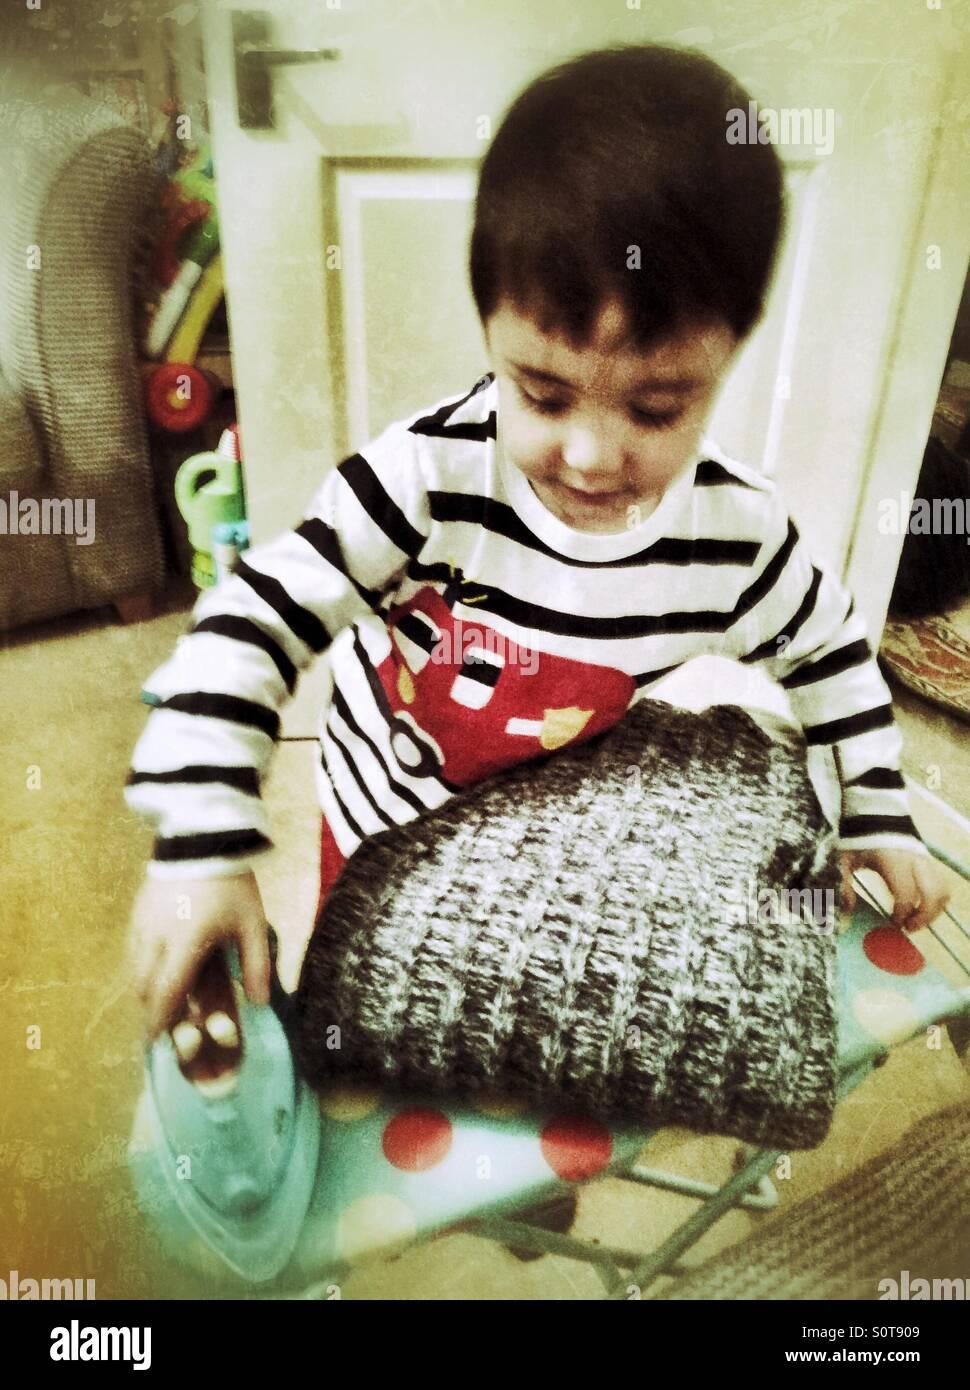 Un jeune garçon jouant avec son jouet, table et fer à repasser. Photo Stock